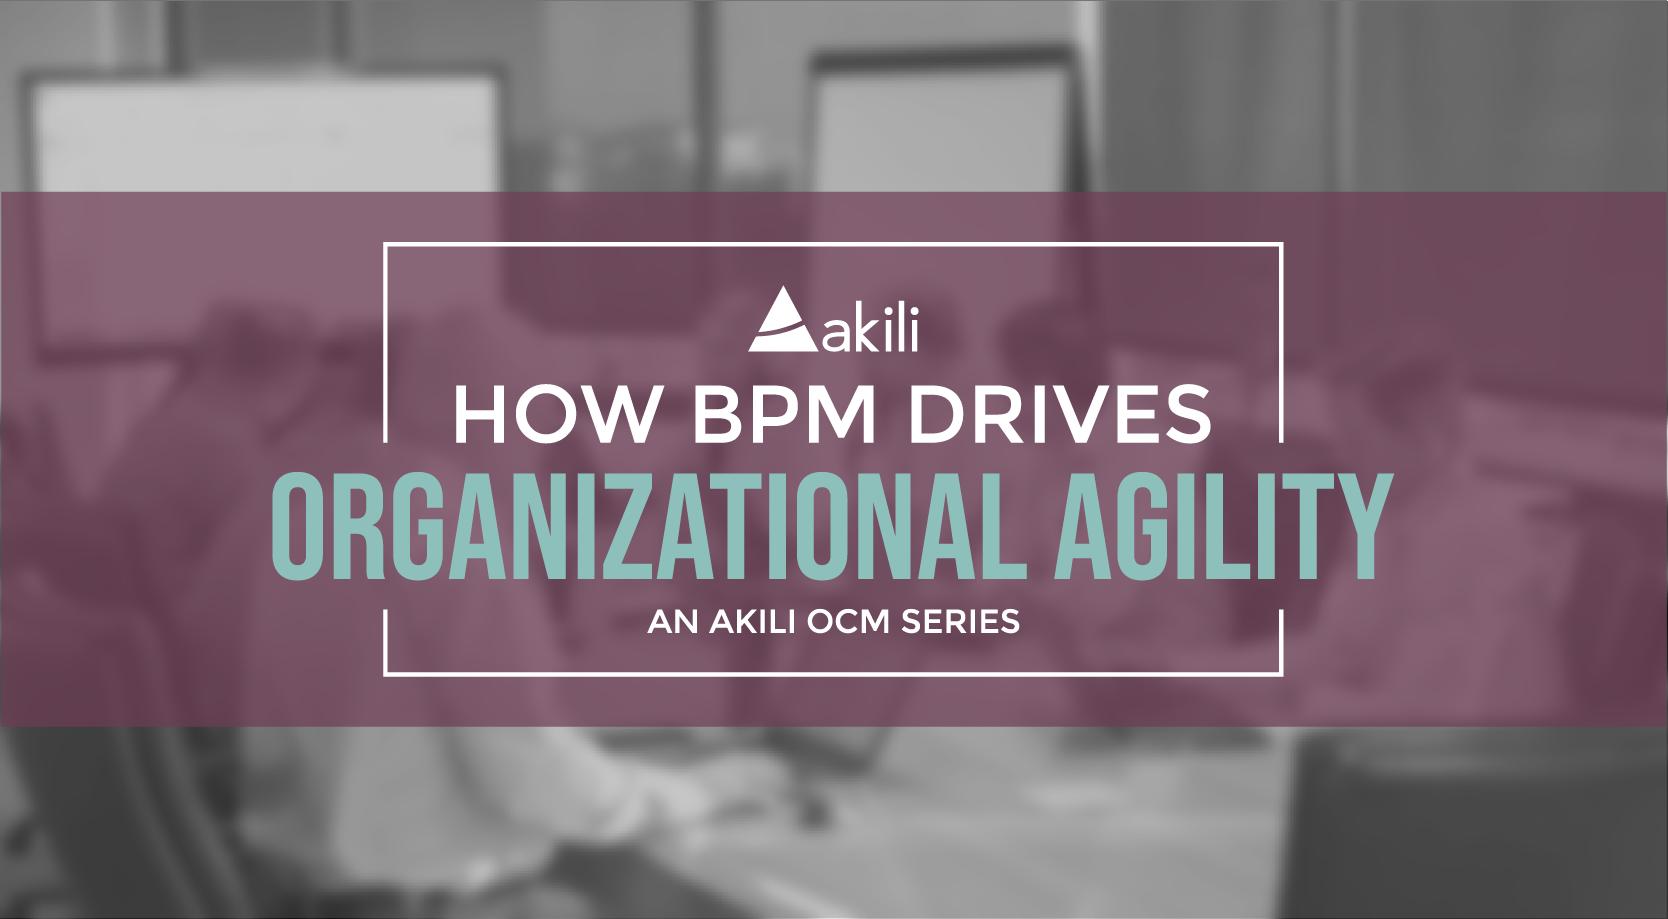 How BPM Drives Organizational Agility